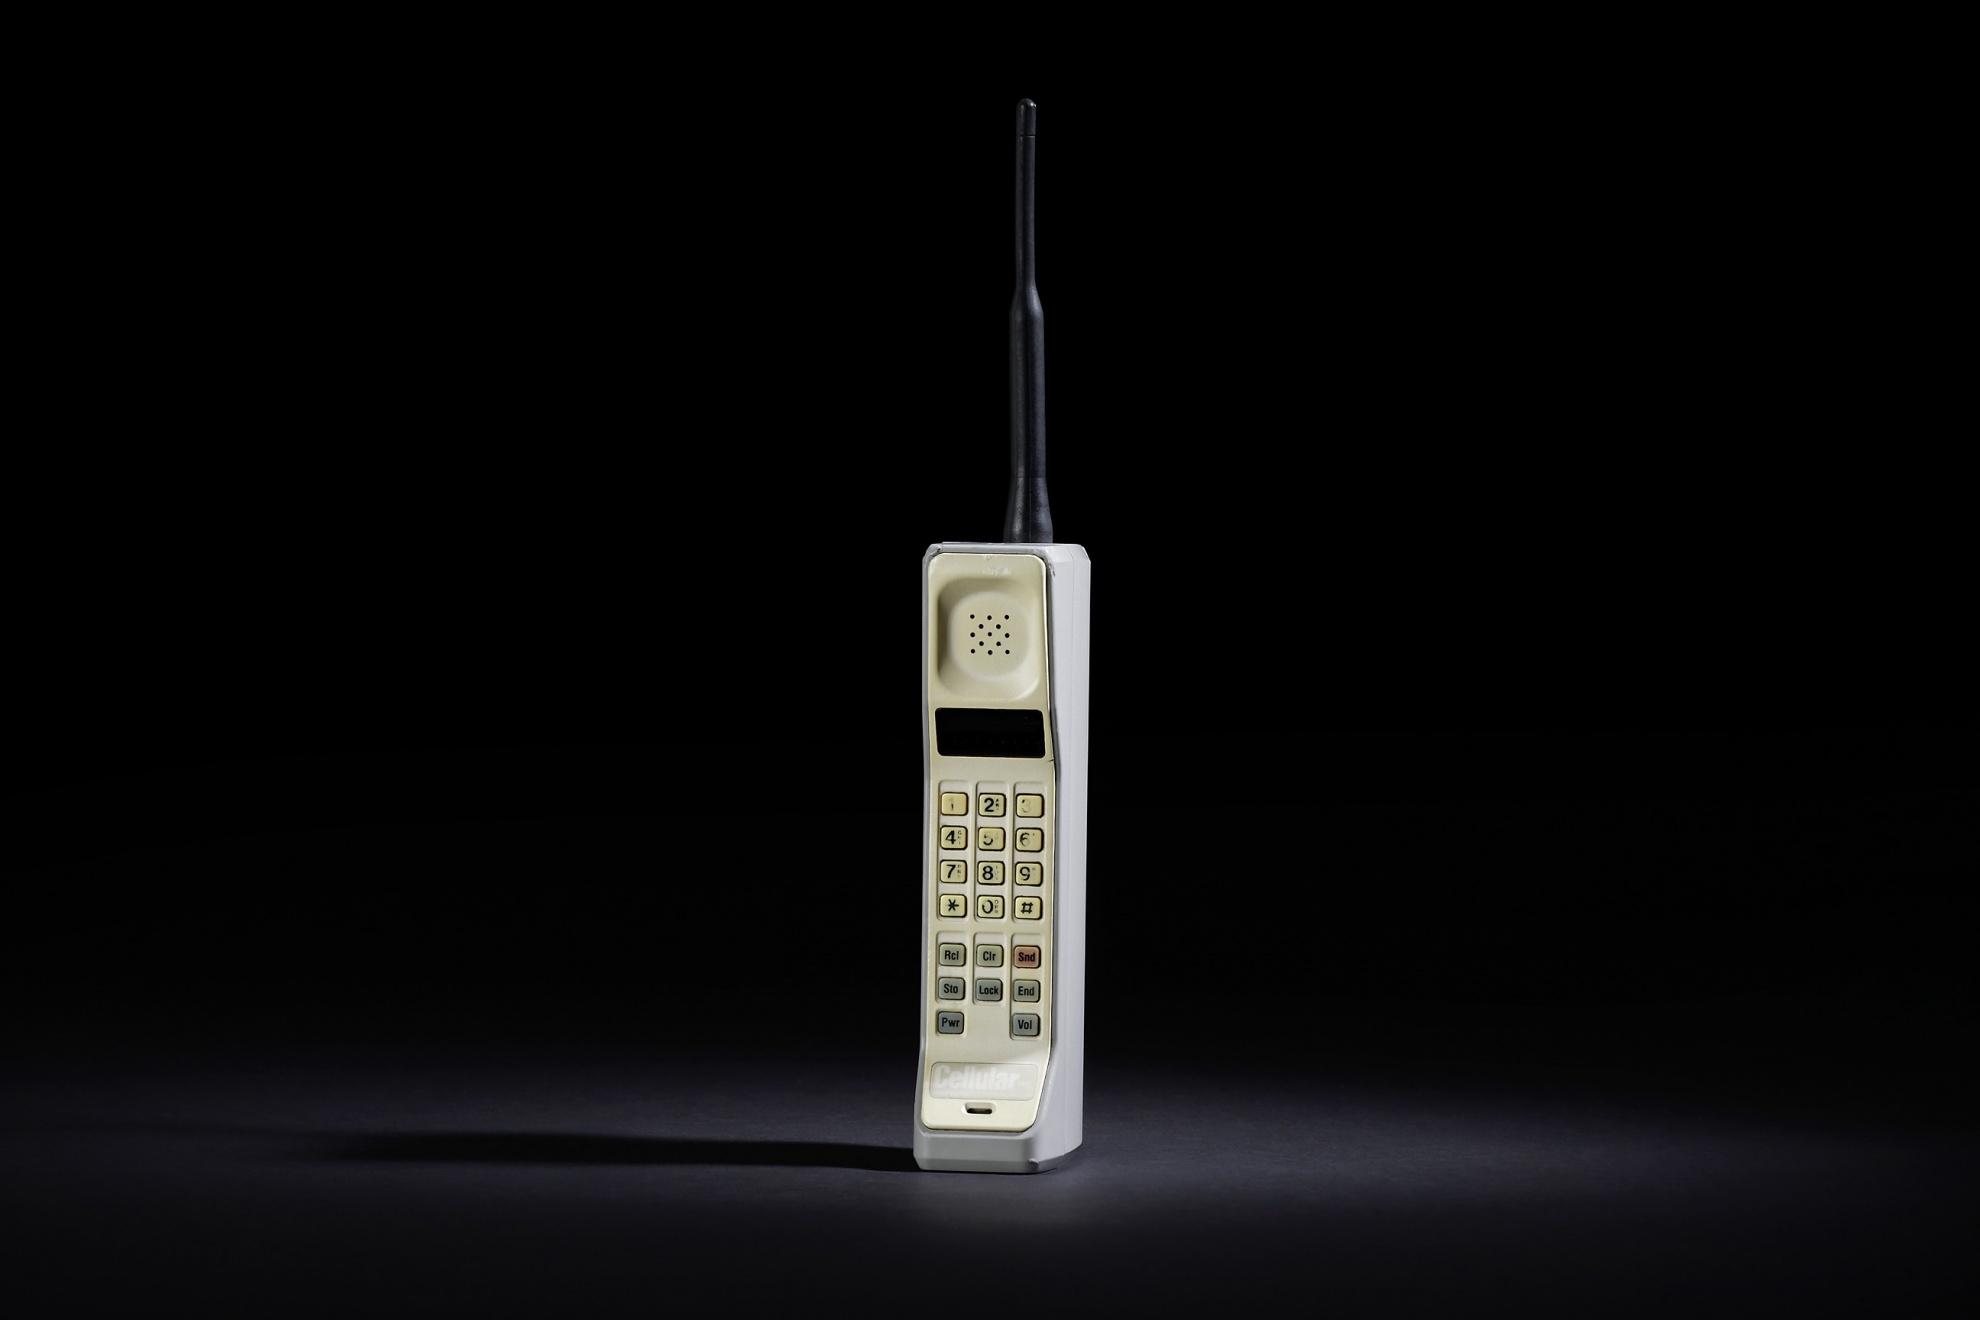 лучшие духи, первые в мире сотовые телефоны фото поздравления